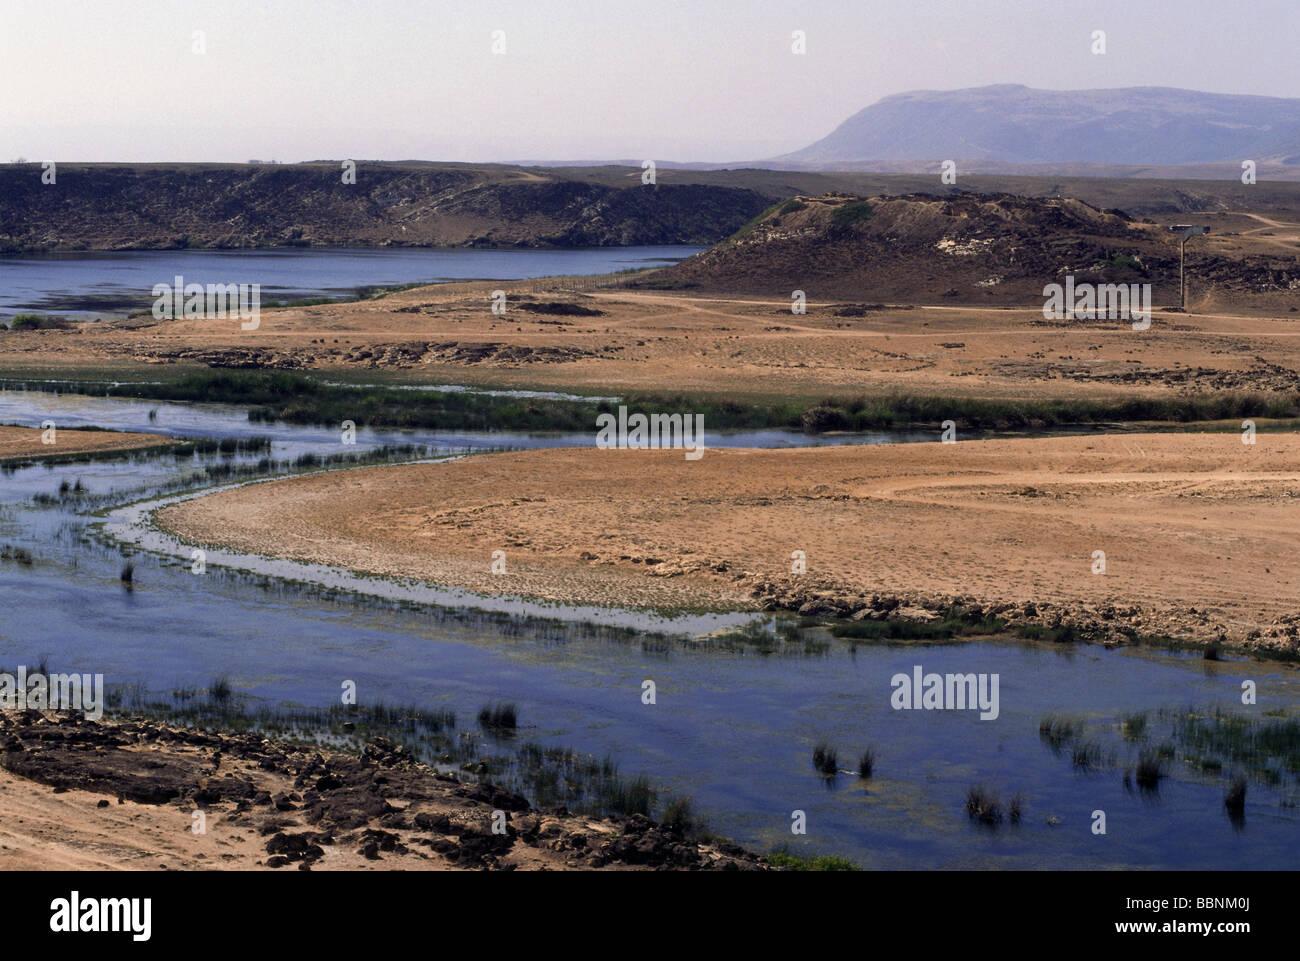 Geografia / viaggi, Oman, paesaggi, costa vicino a Khor Rouri, vicino Samhuran, Additional-Rights-Clearance-Info Immagini Stock